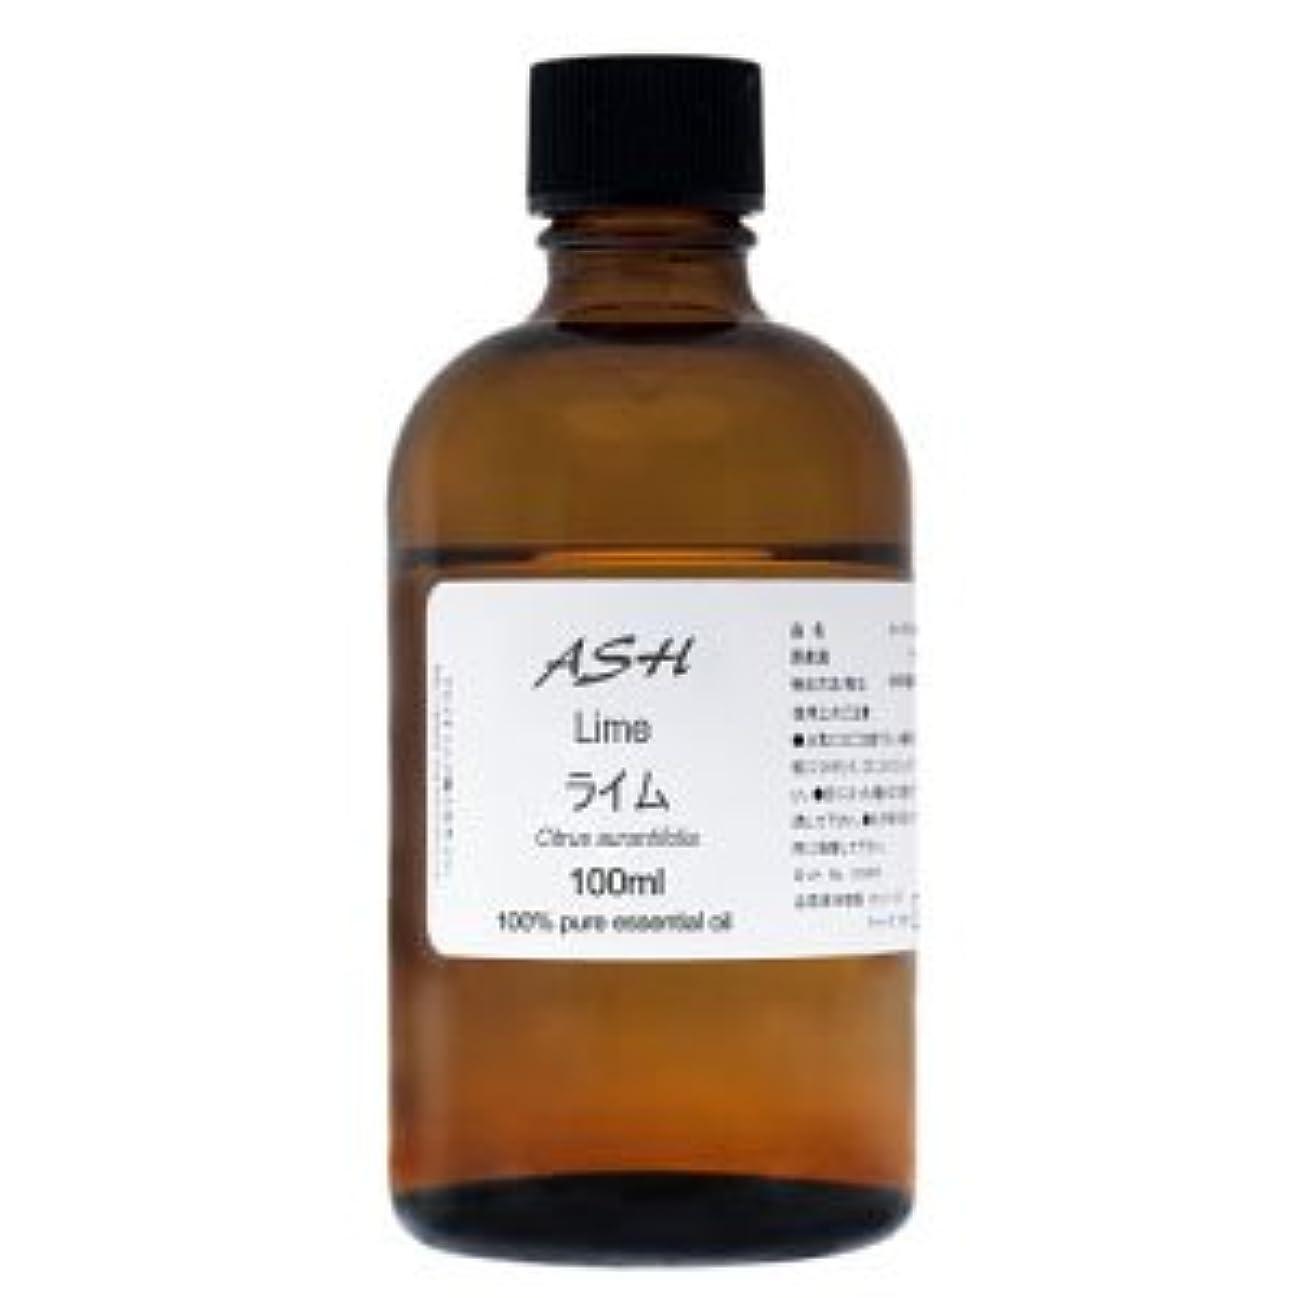 恥ずかしさ起こりやすいパラダイスASH ライム エッセンシャルオイル 100ml AEAJ表示基準適合認定精油